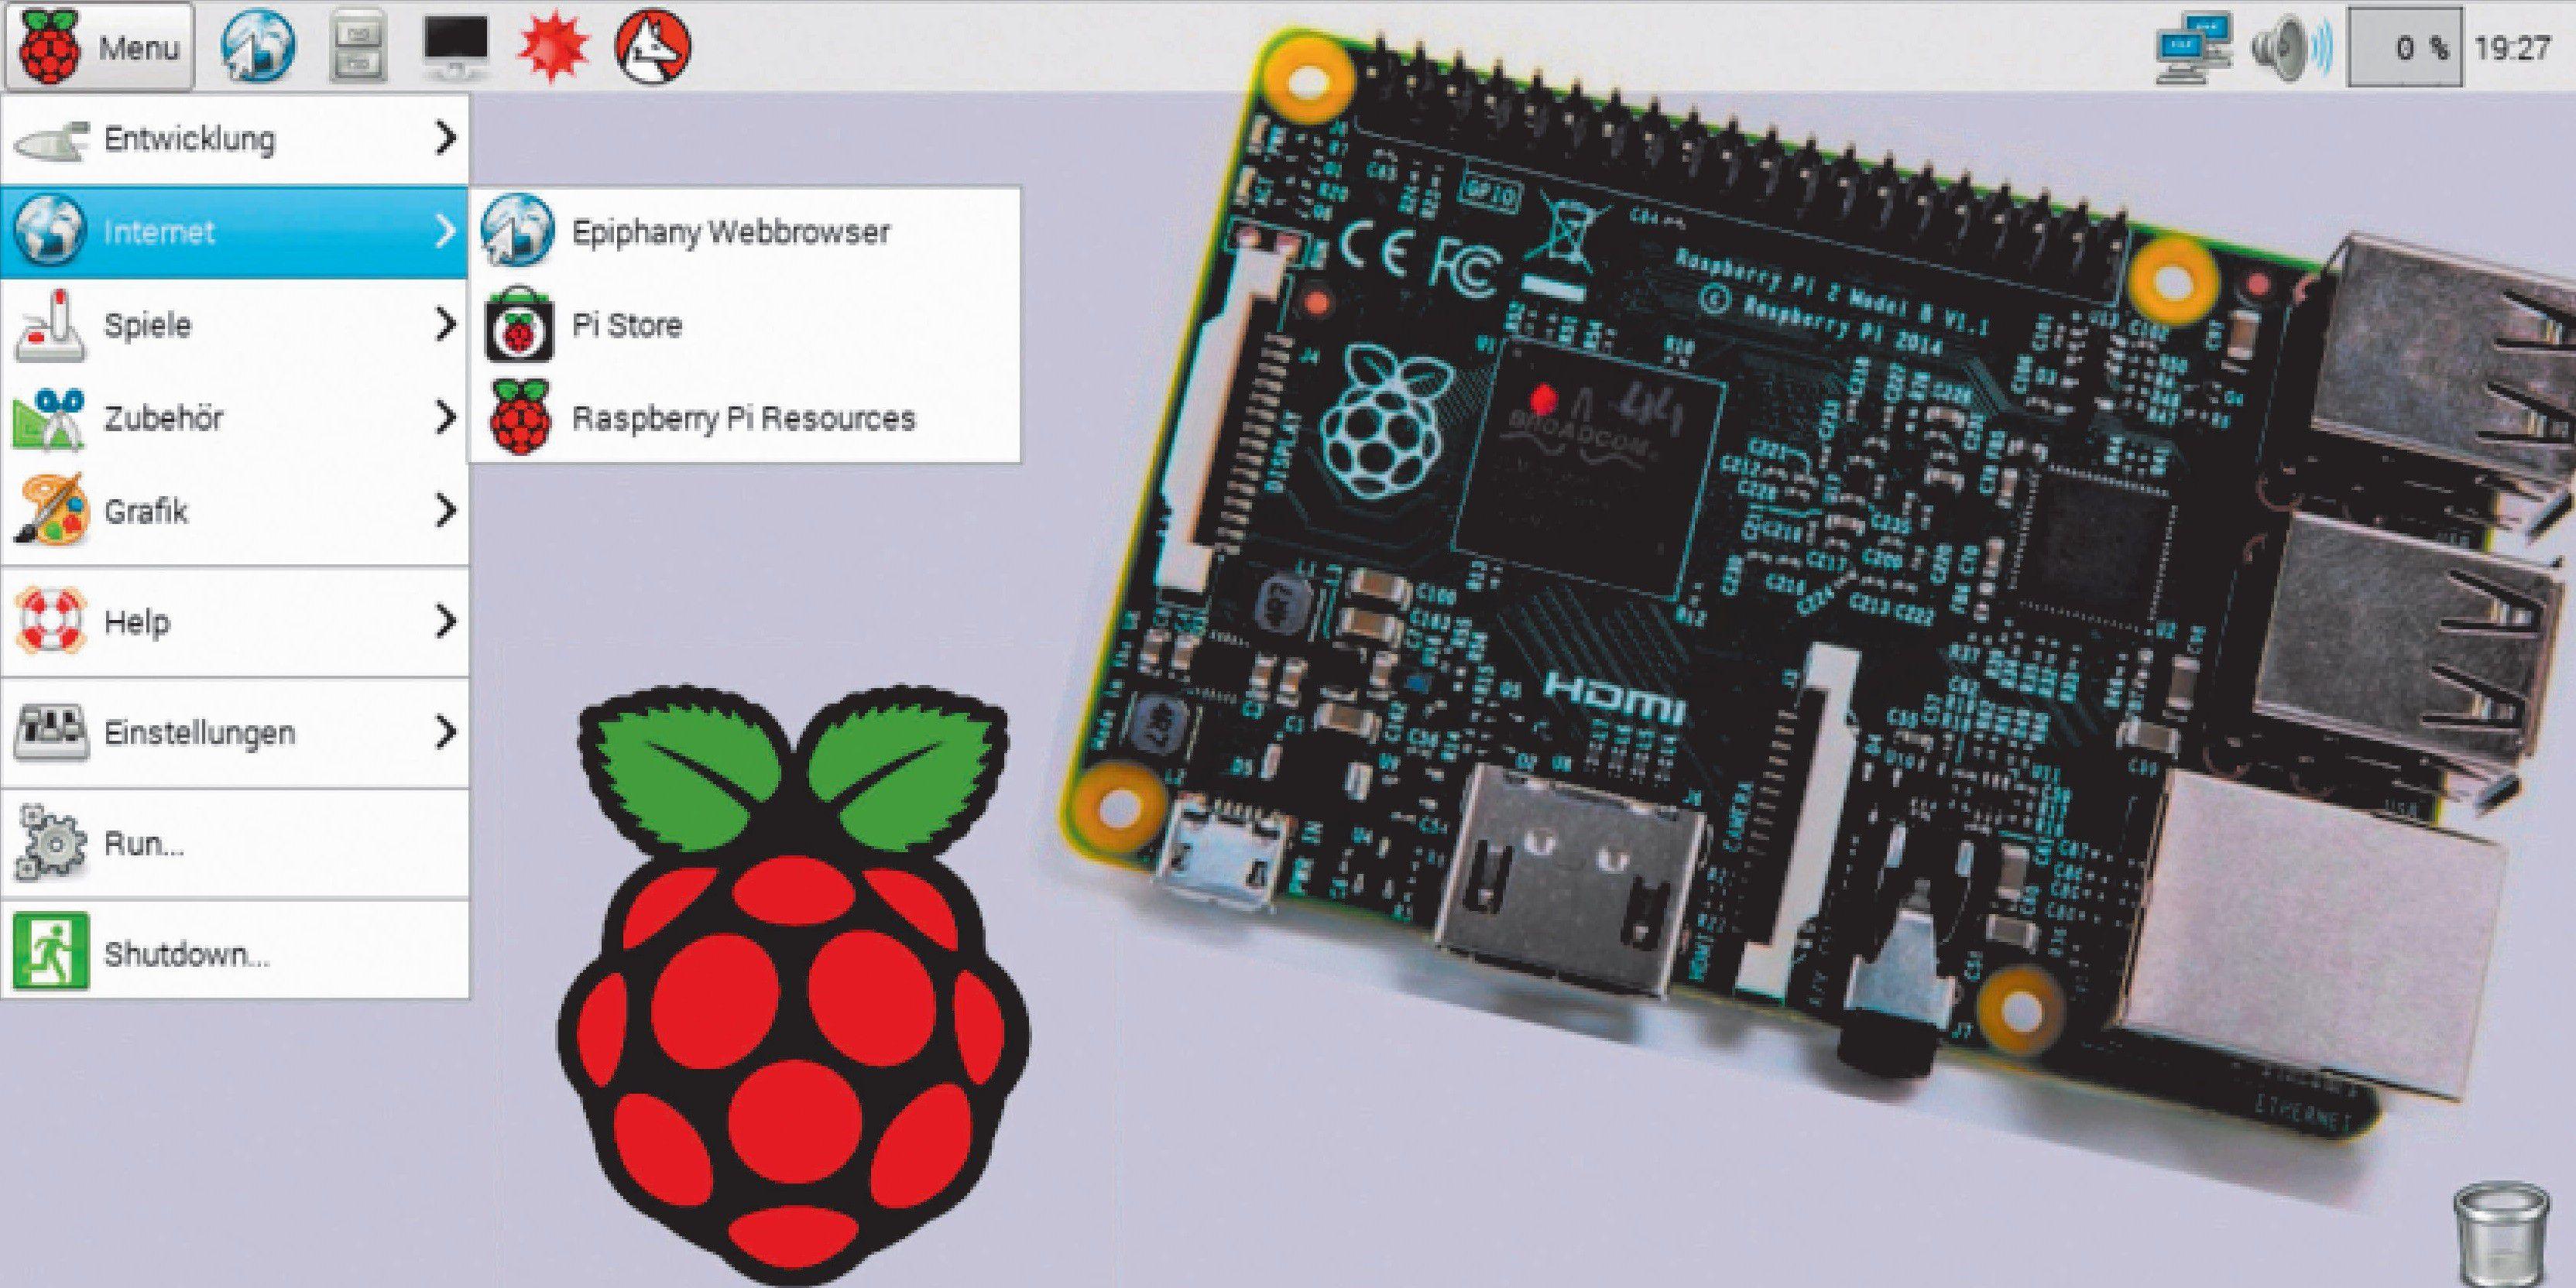 Raspberry Pi Die Besten Tools Und Einsatzgebiete Pc Welt Paket 3 Model B Vergrern Rasbian Basiert Auf Debian Bietet Fr Den Mini Fast Alle Programme Serverdienste Auch Pcs Verfgbar Sind Der